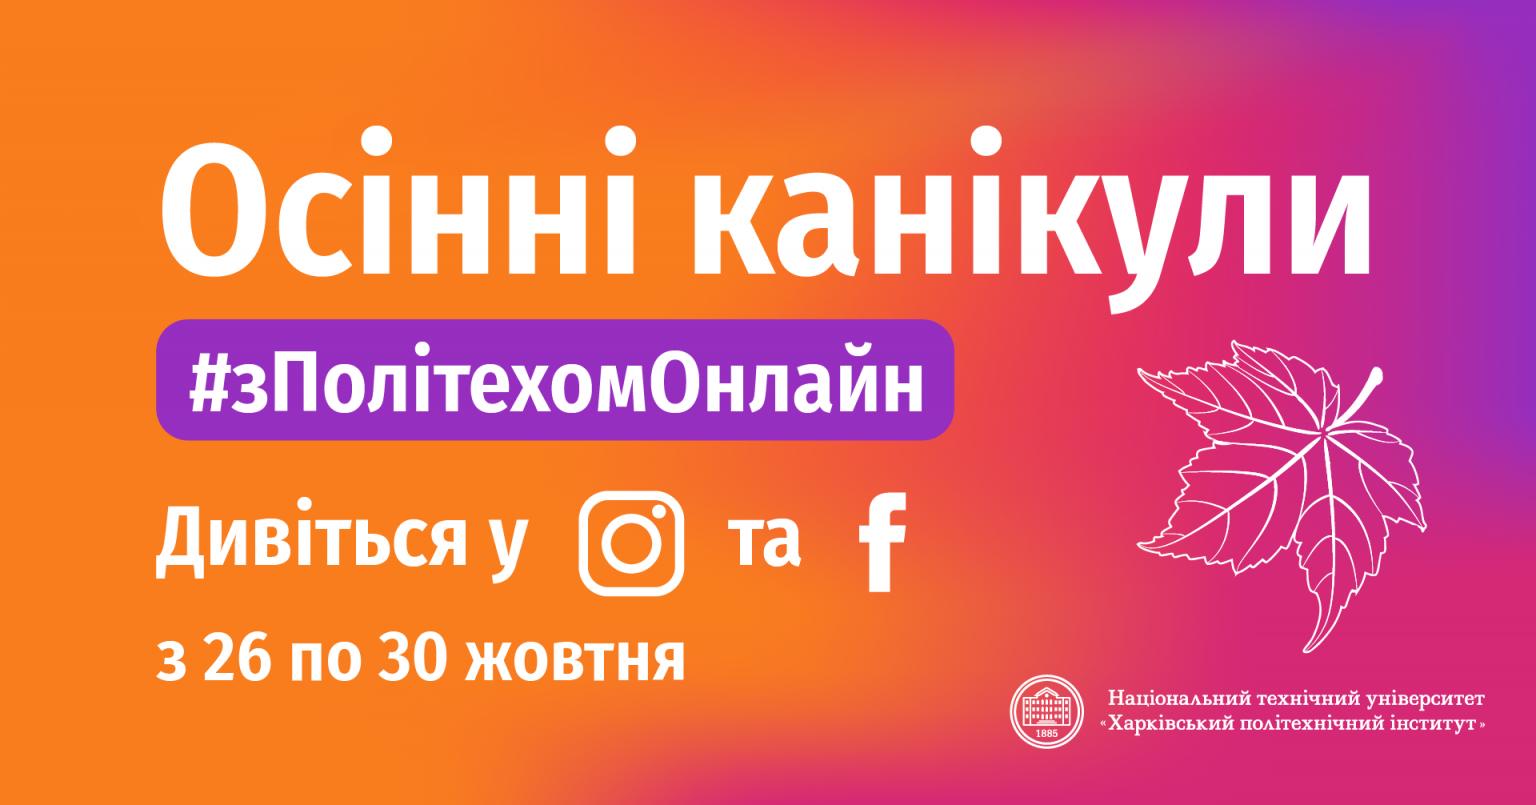 В Харькове пройдут научные онлайн-каникулы